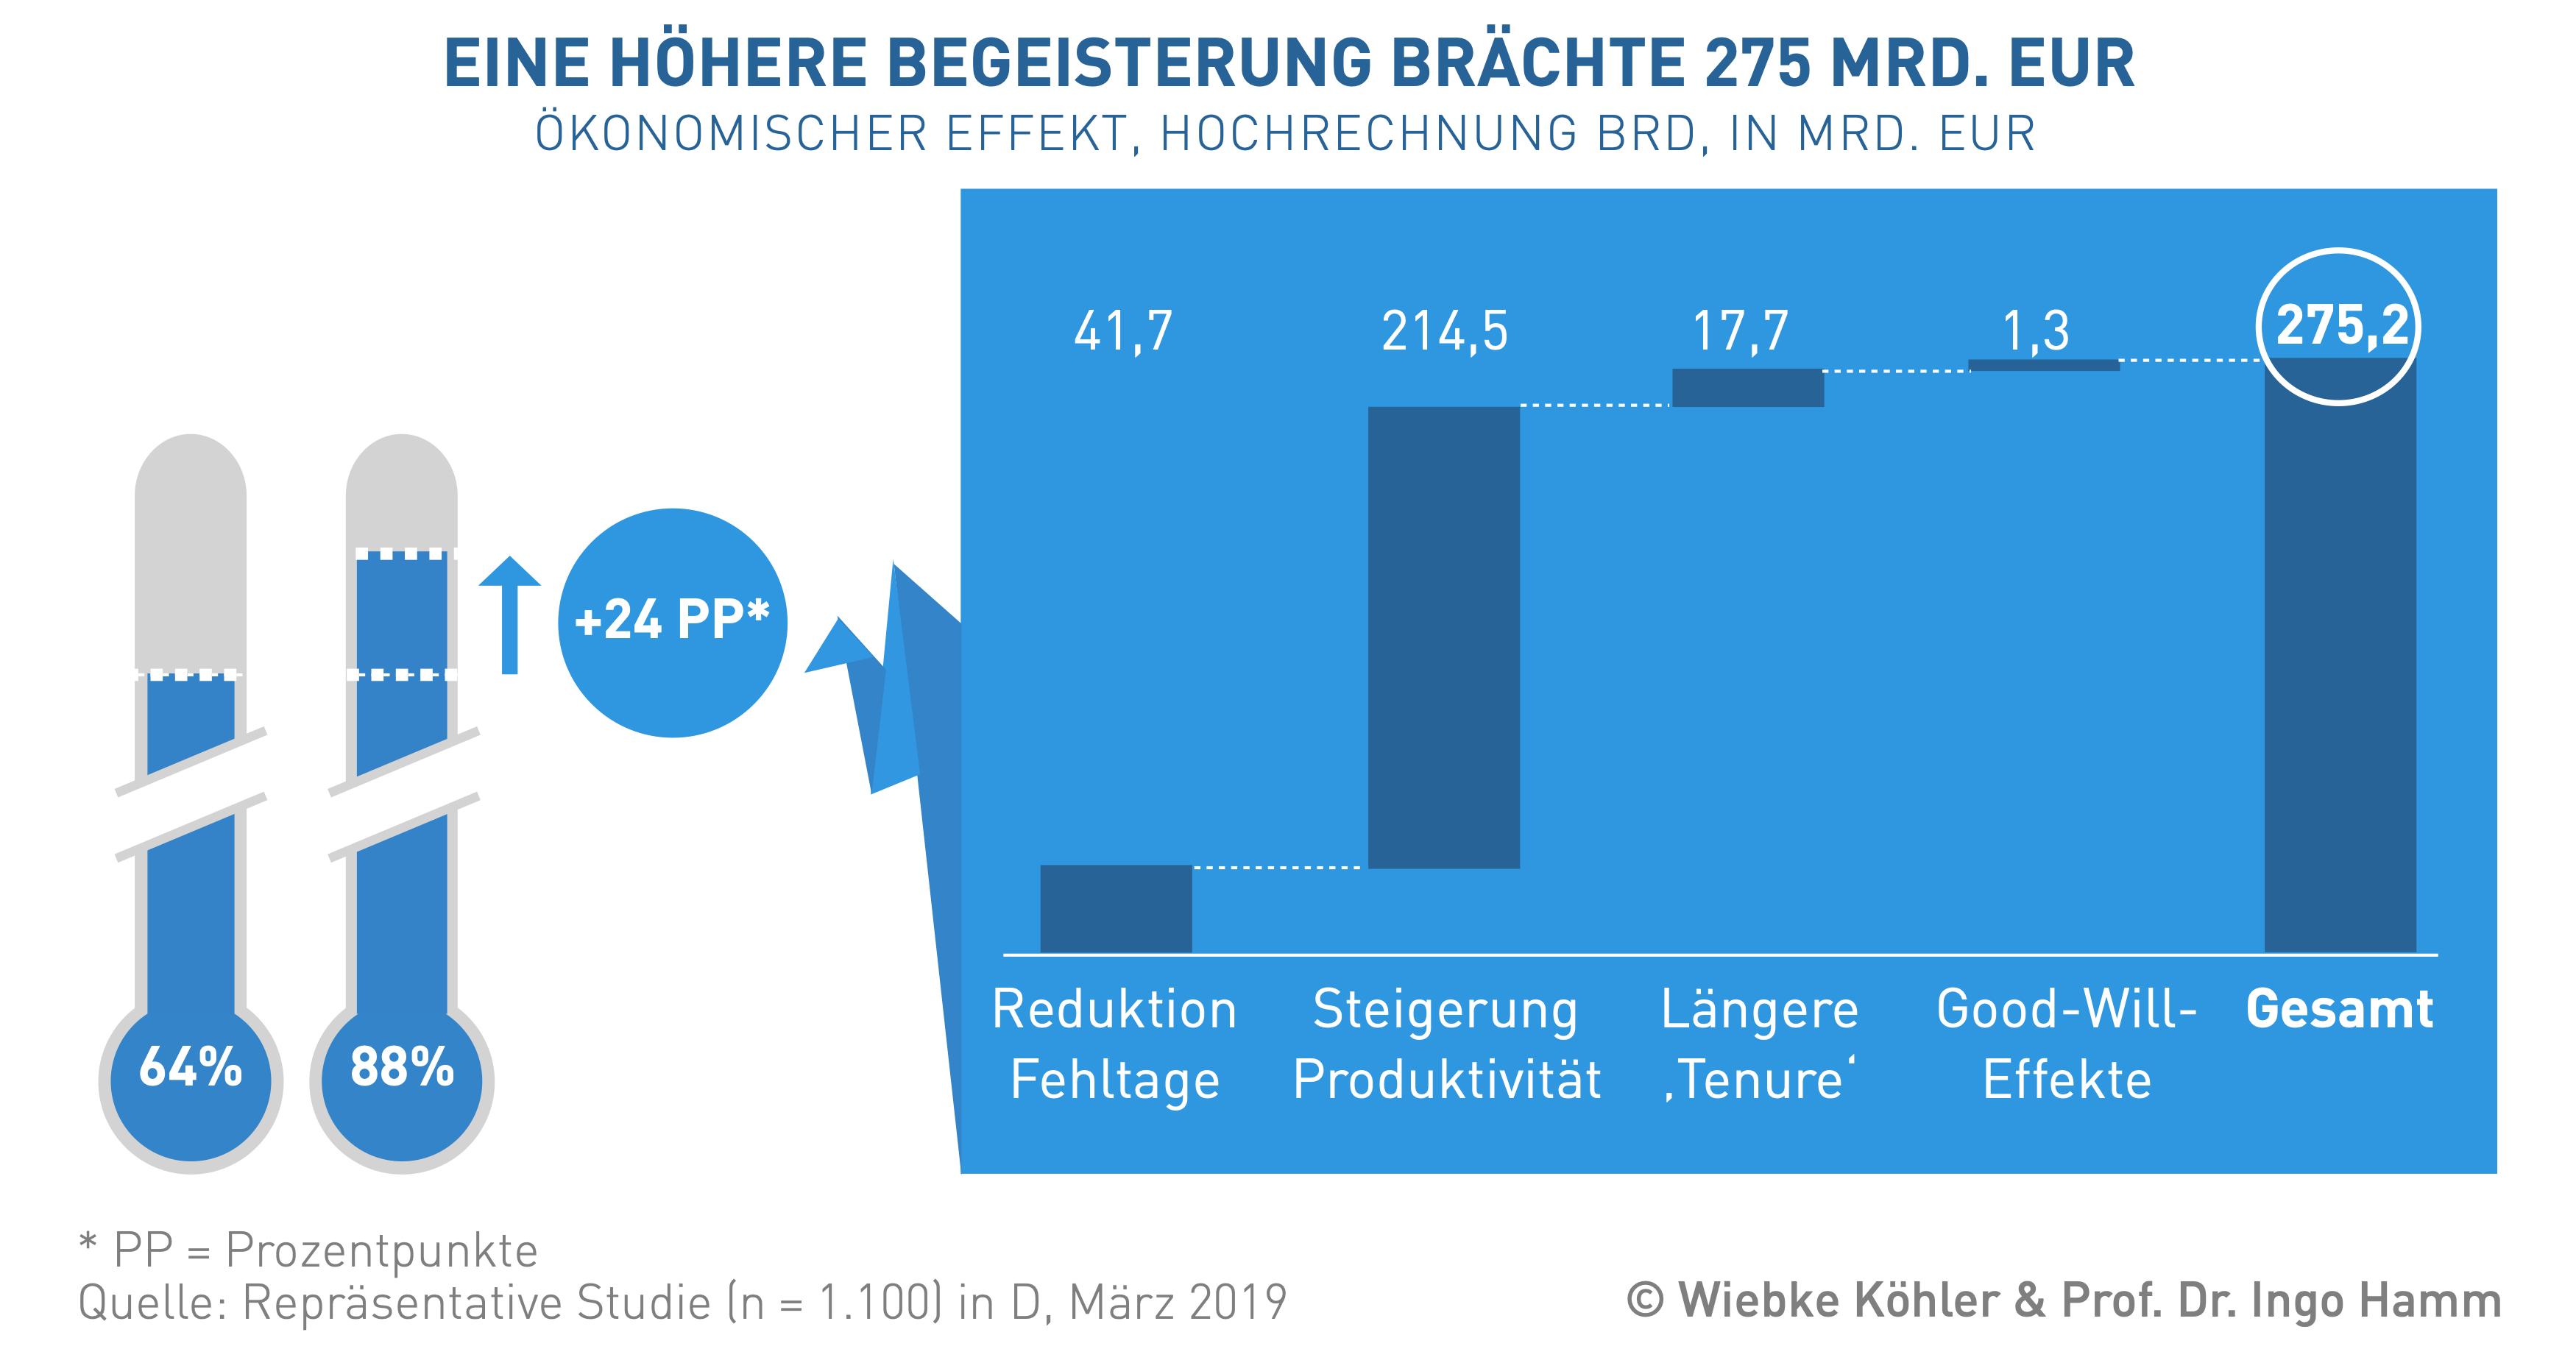 """Forschung - Forschungsprojekt """"Wettbewerbsfaktor Mensch"""" - eine höhere Begeisterung brächte 275 Mrd. EUR"""